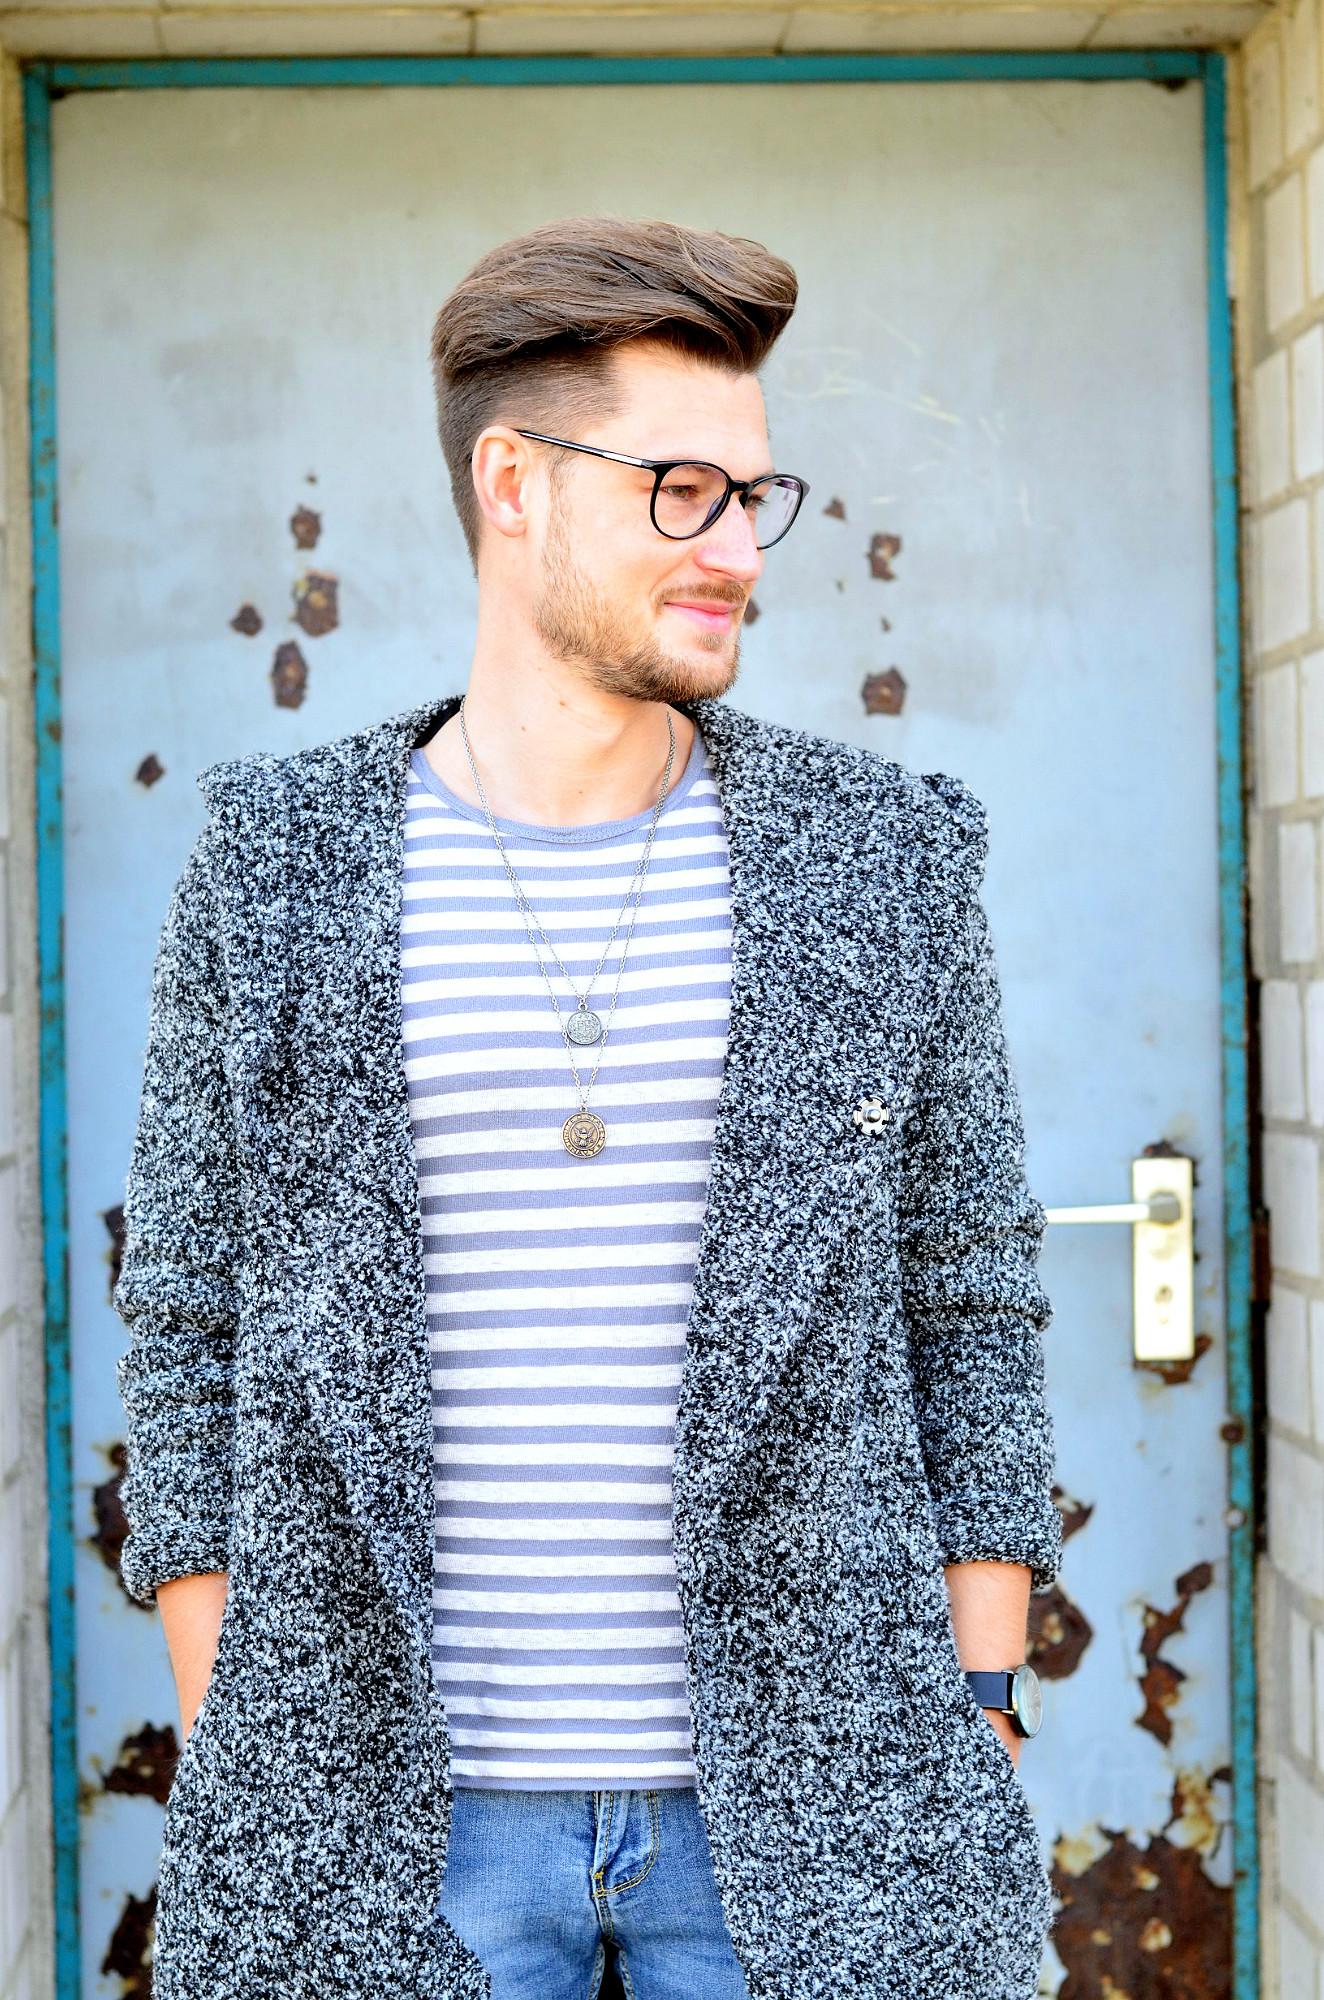 Männer-Blog-Berlin-Outfit-Cardigan-Jeans-Streifenshirt-Sneaker-Gucci-Brille